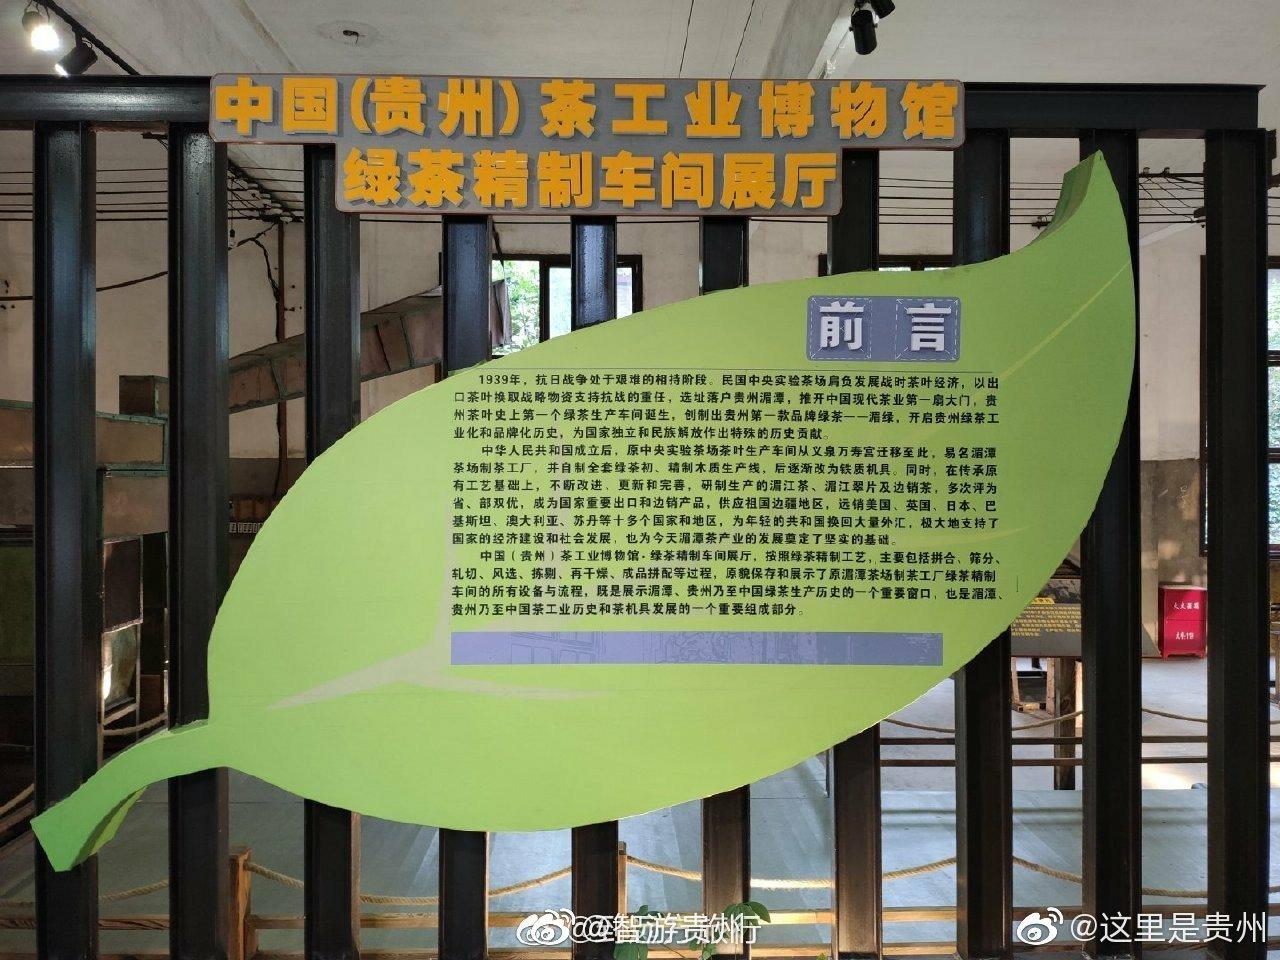 这是中国茶工业博物馆,位于贵州产茶第一县:湄潭县